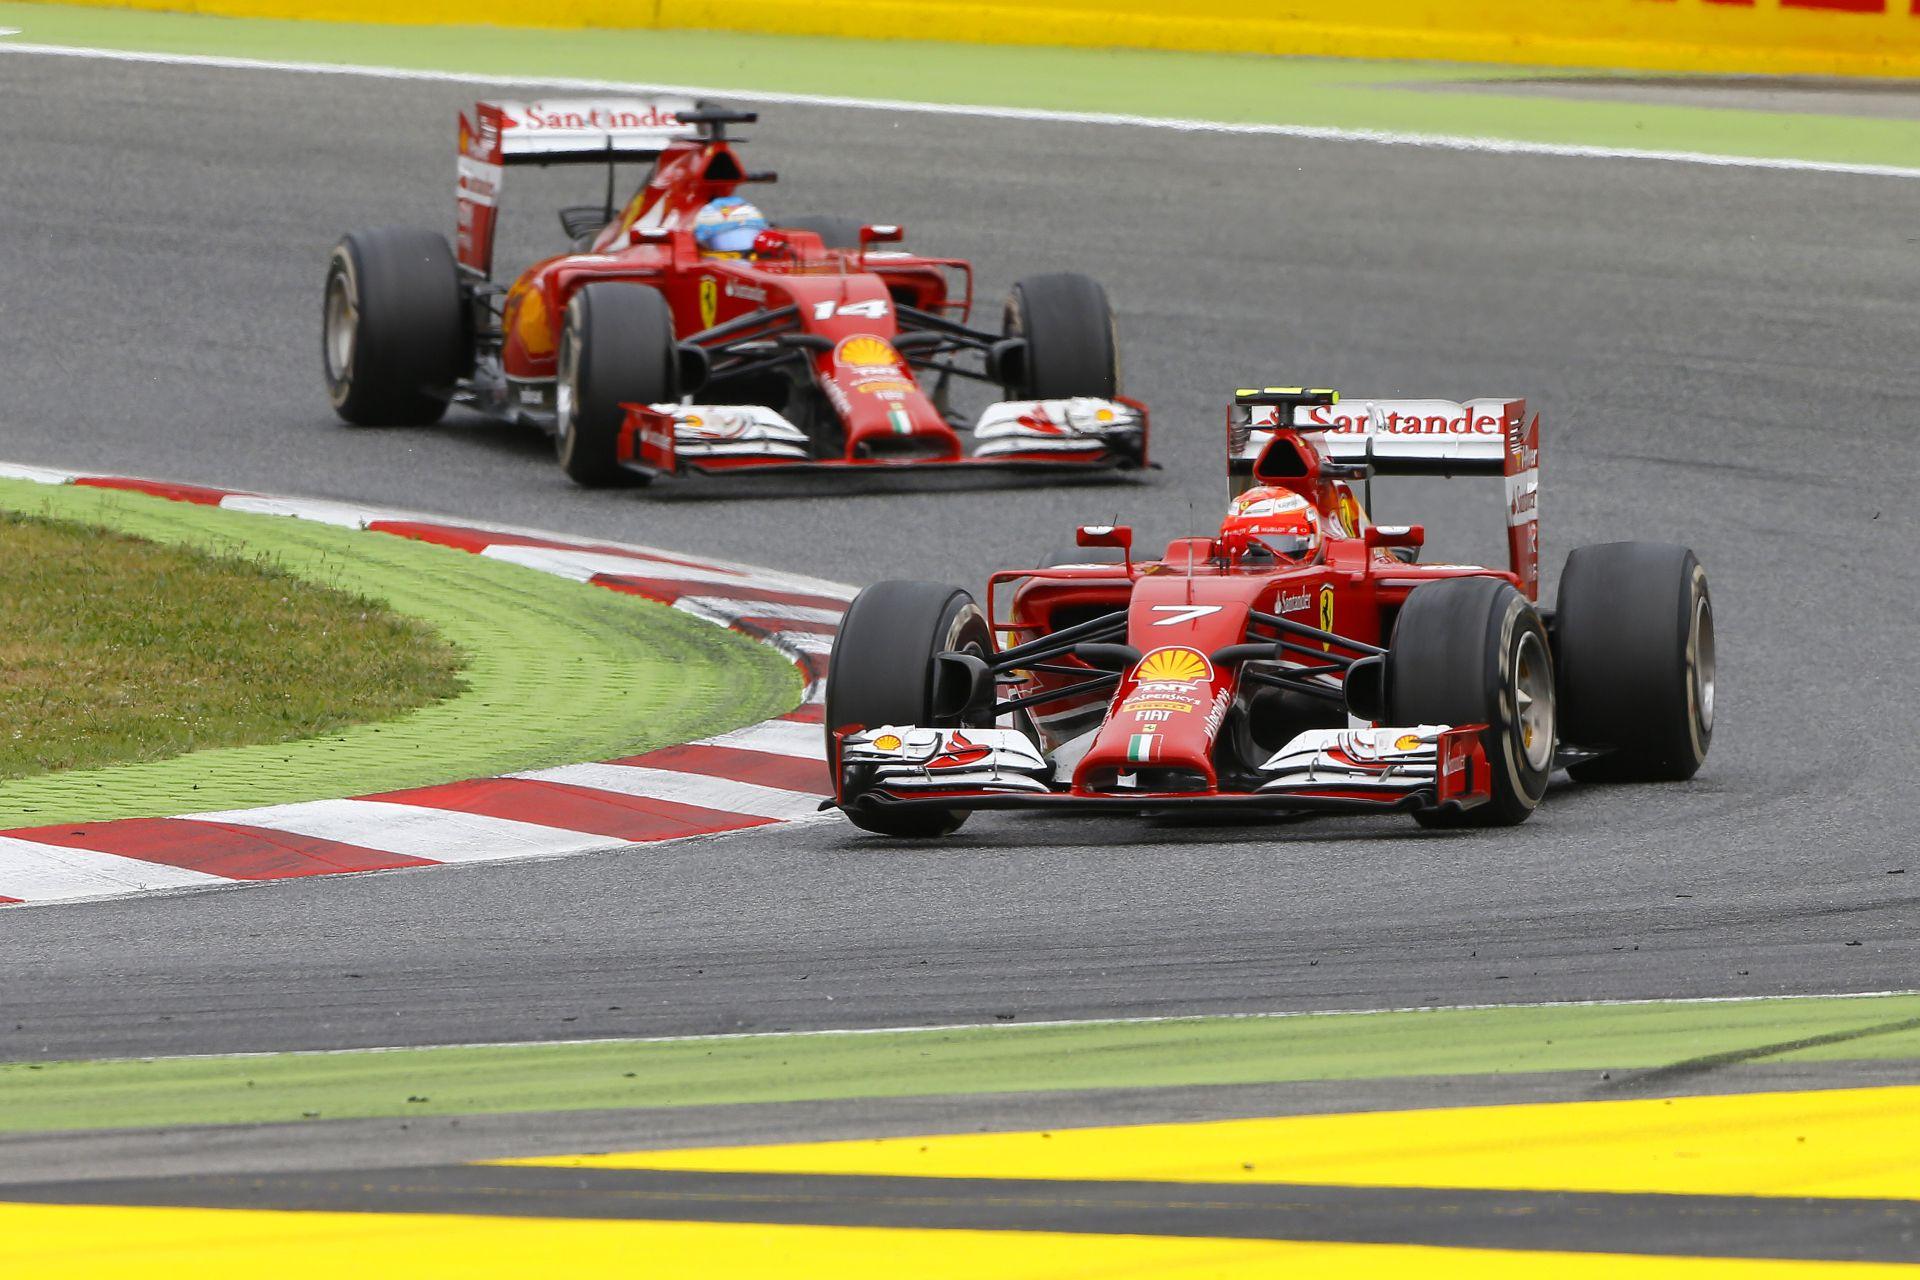 Raikkönen kérdőre vonta a Ferrarit Barcelonában a leintés után: Itt a csapatrádió!